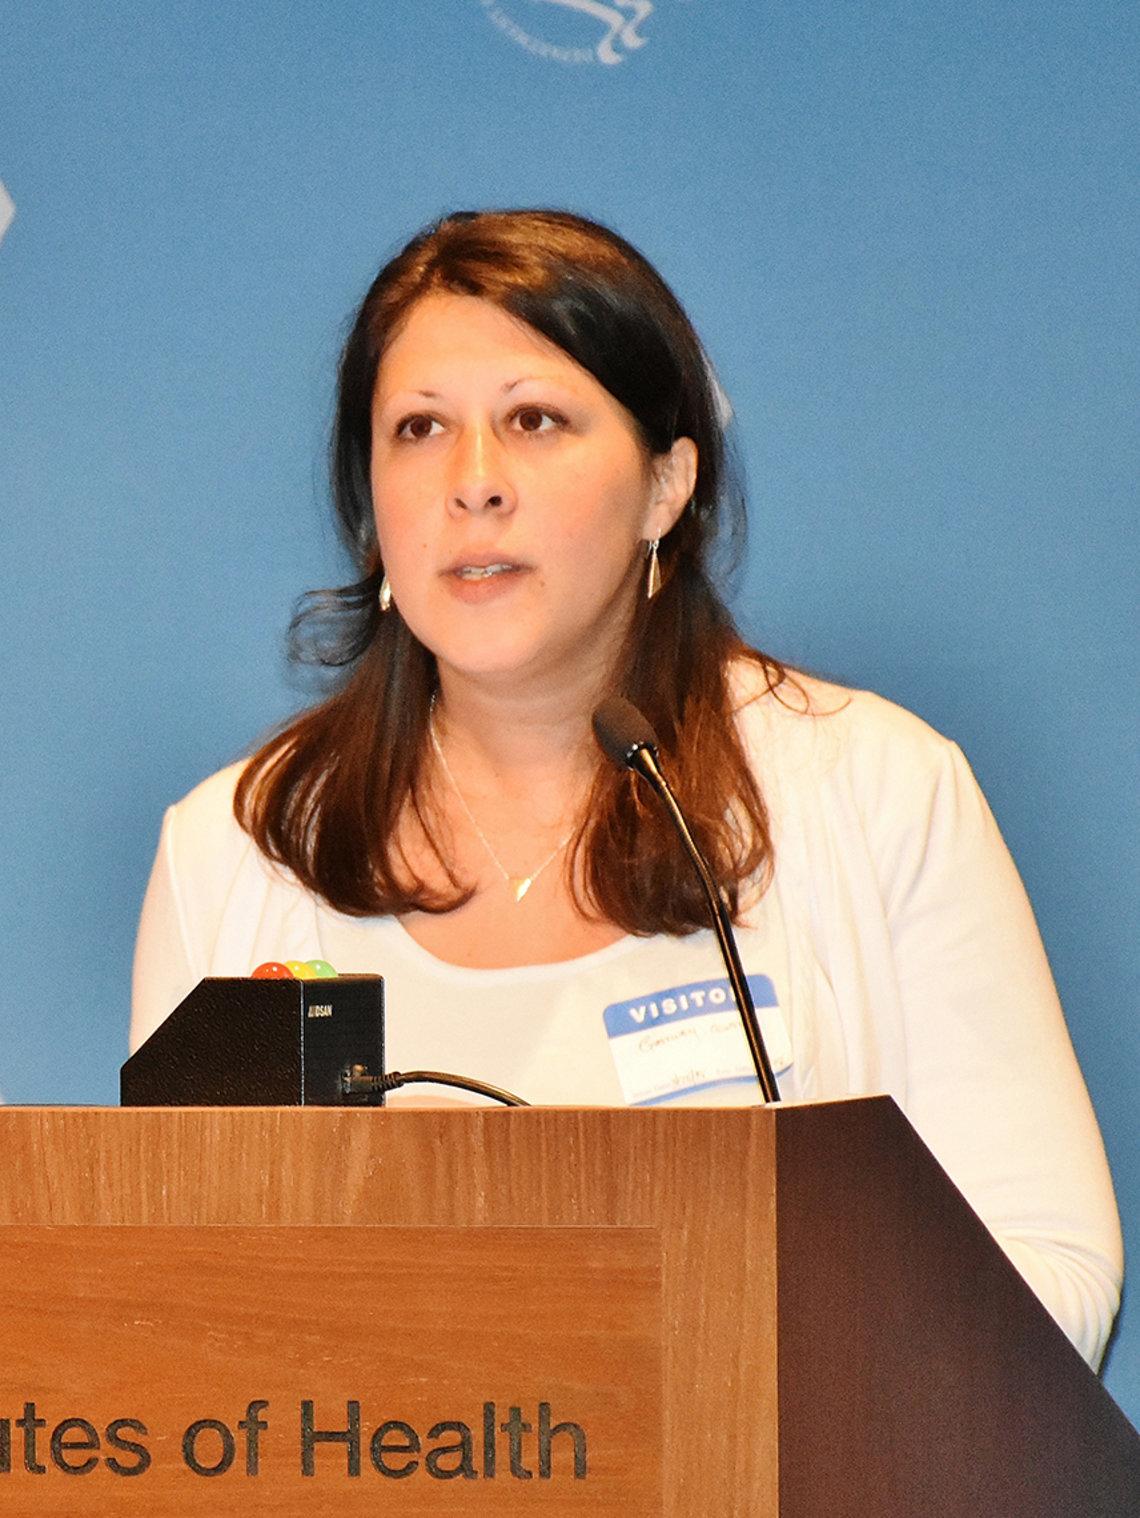 Lauren Lipuma